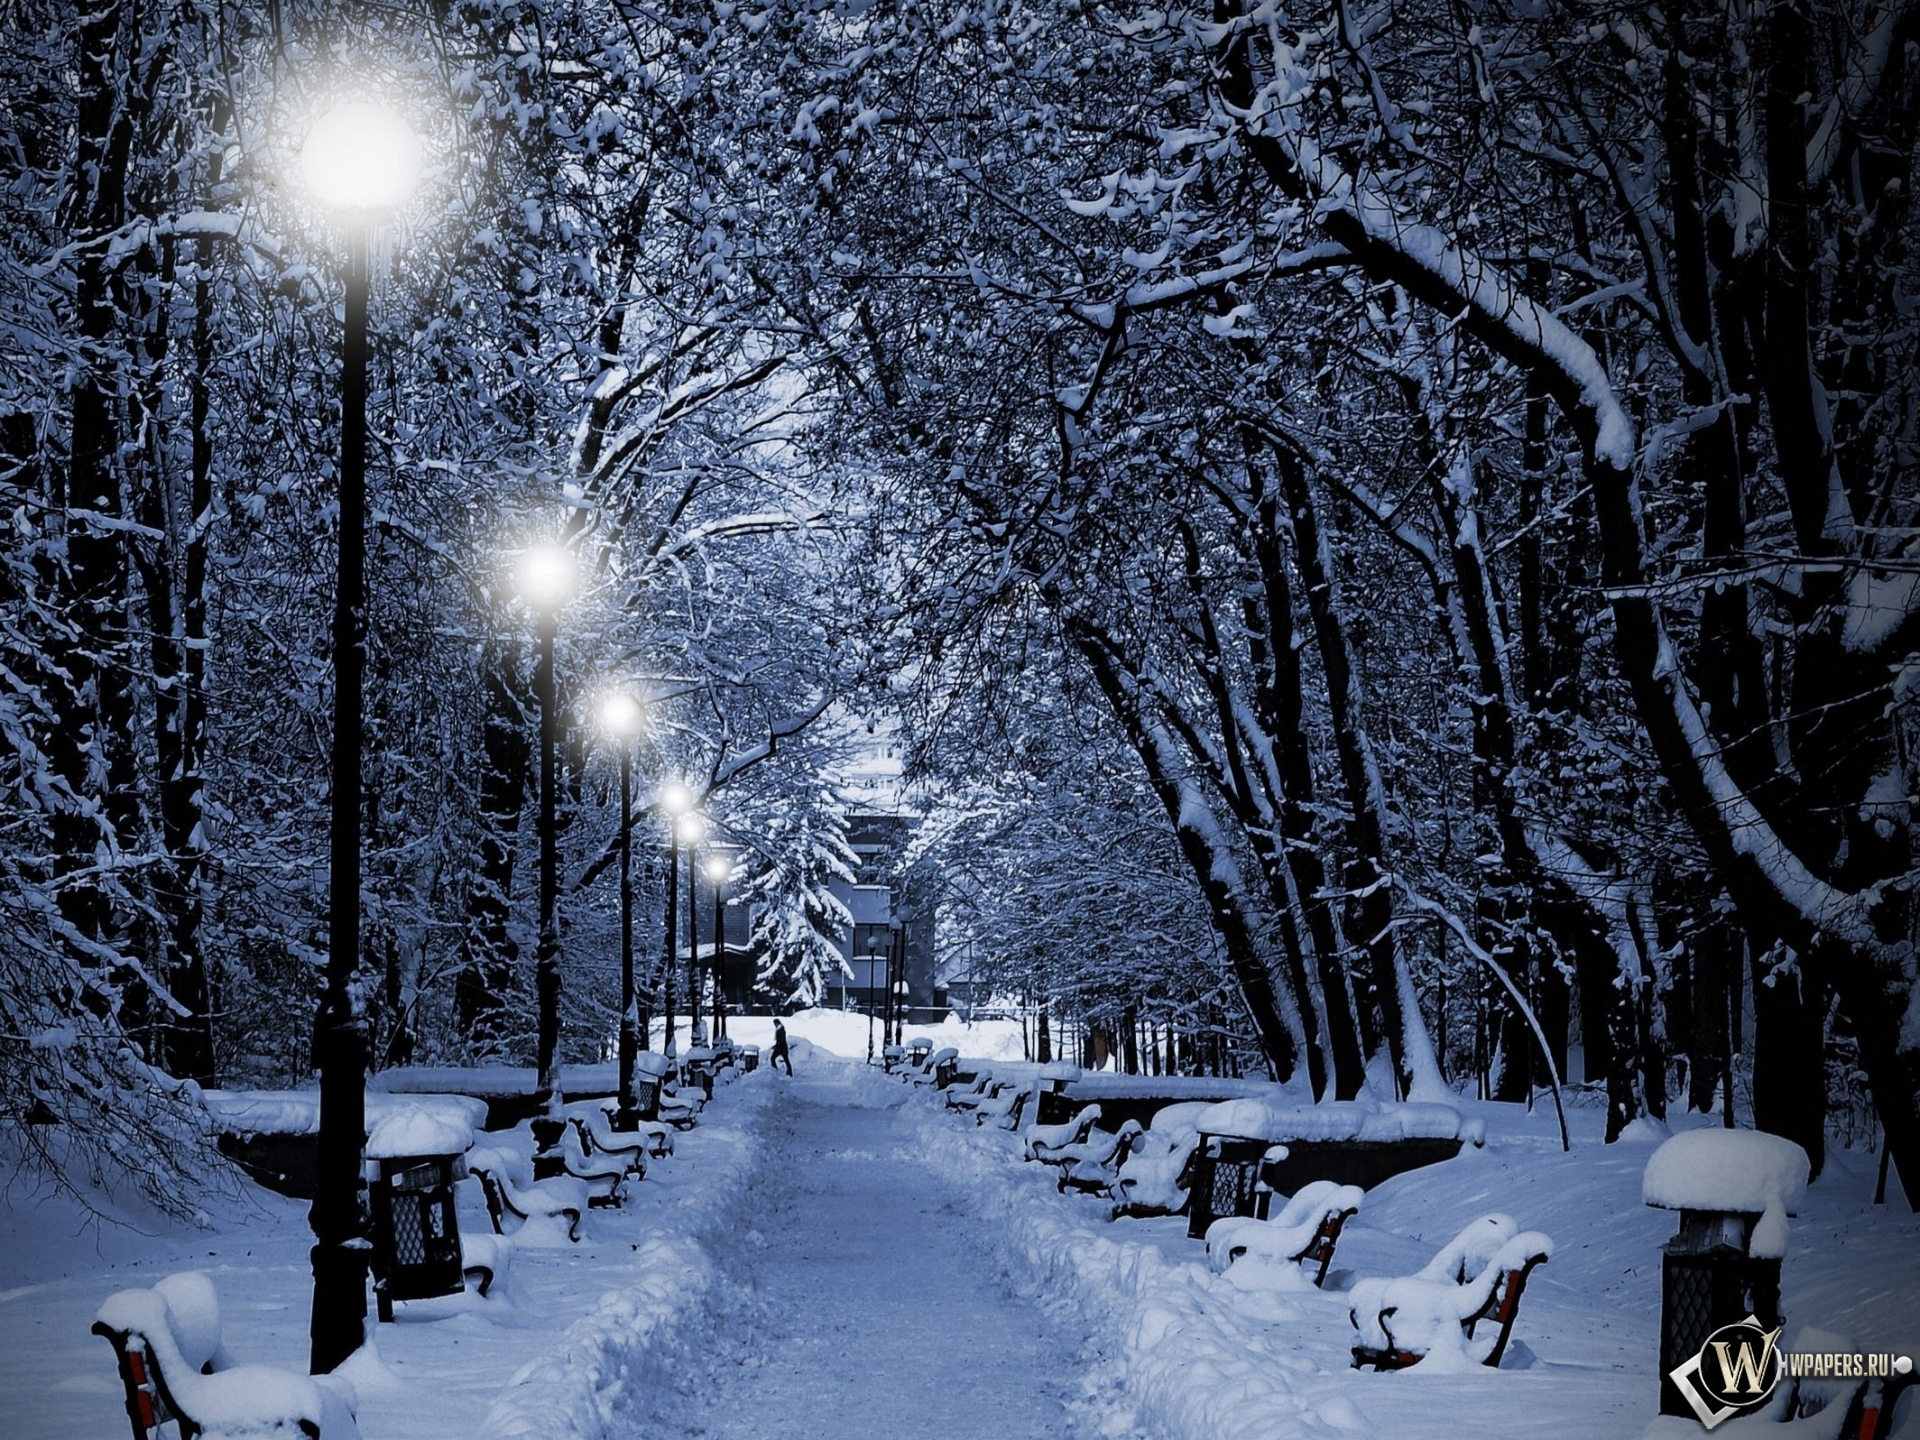 Аллея зимой 1920x1440